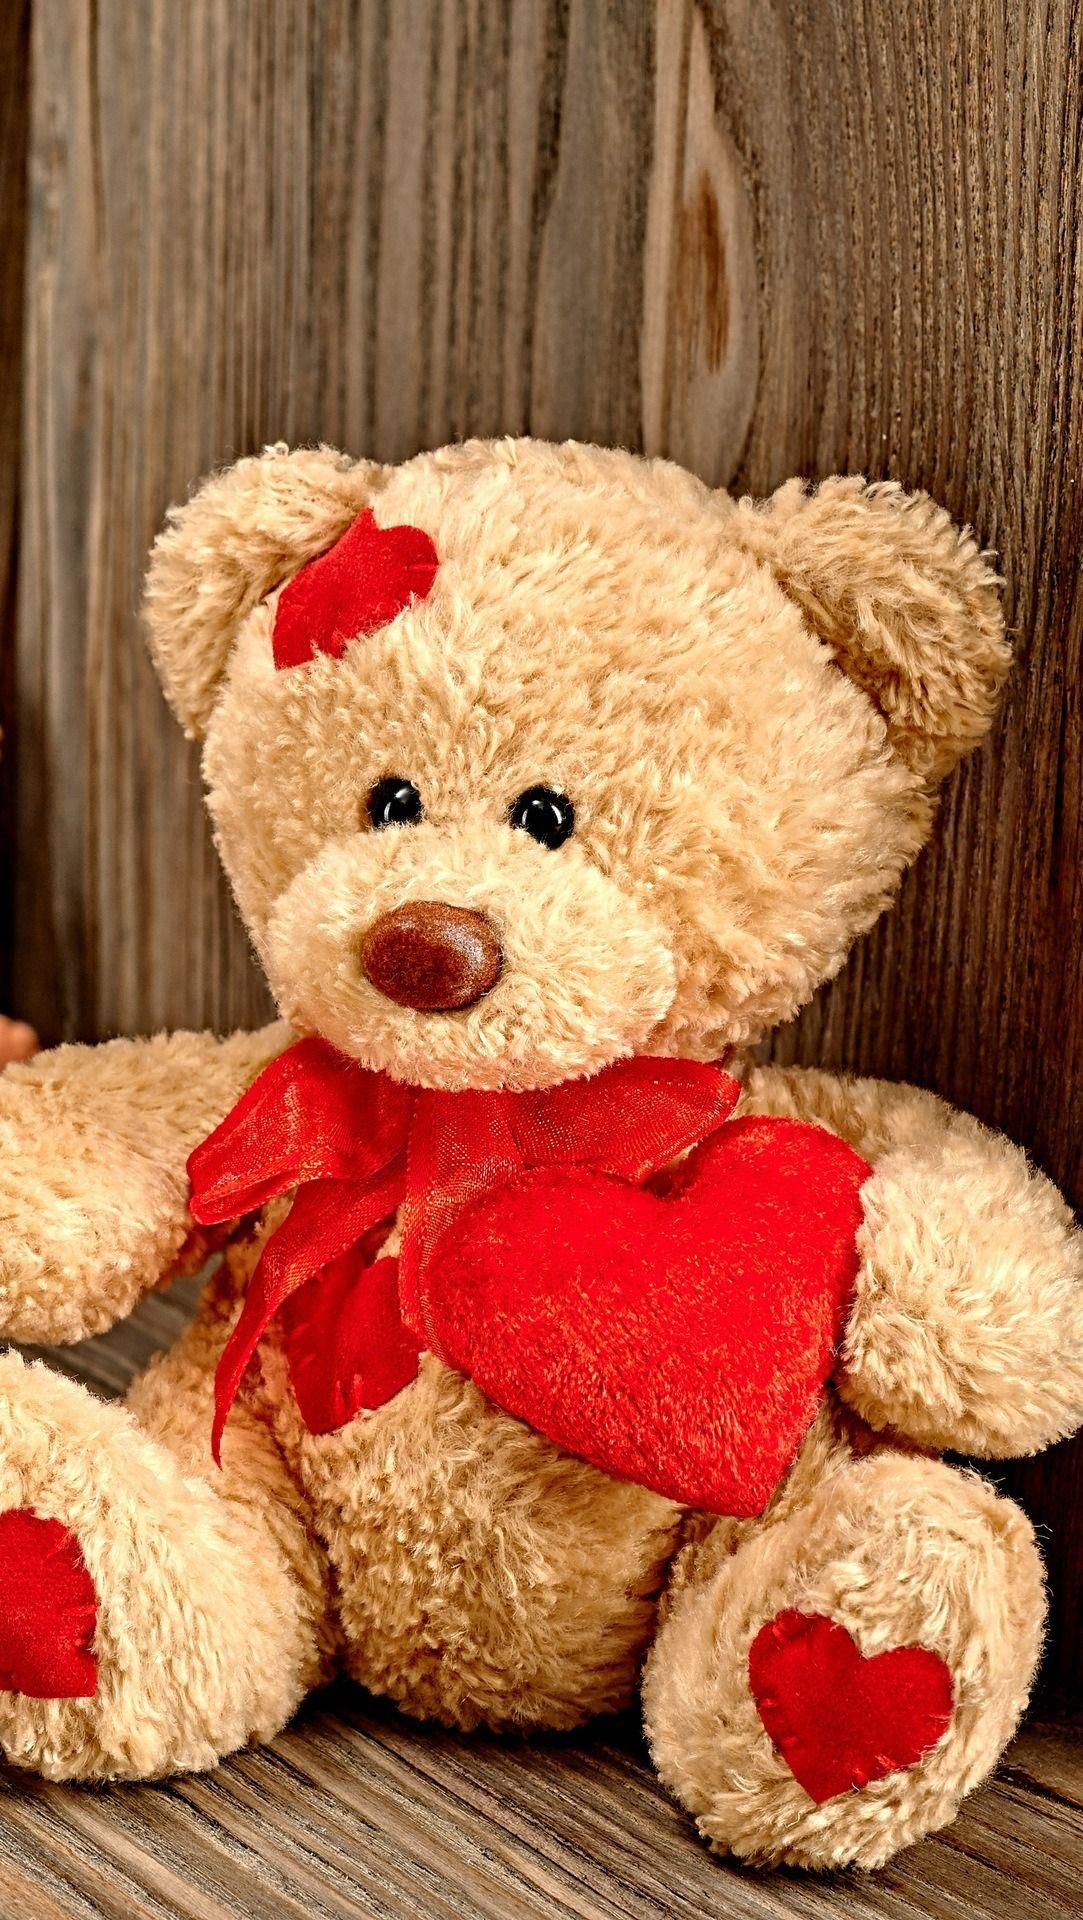 Untitled Teddy Bear Wallpaper Teddy Day Wallpapers Bear Wallpaper